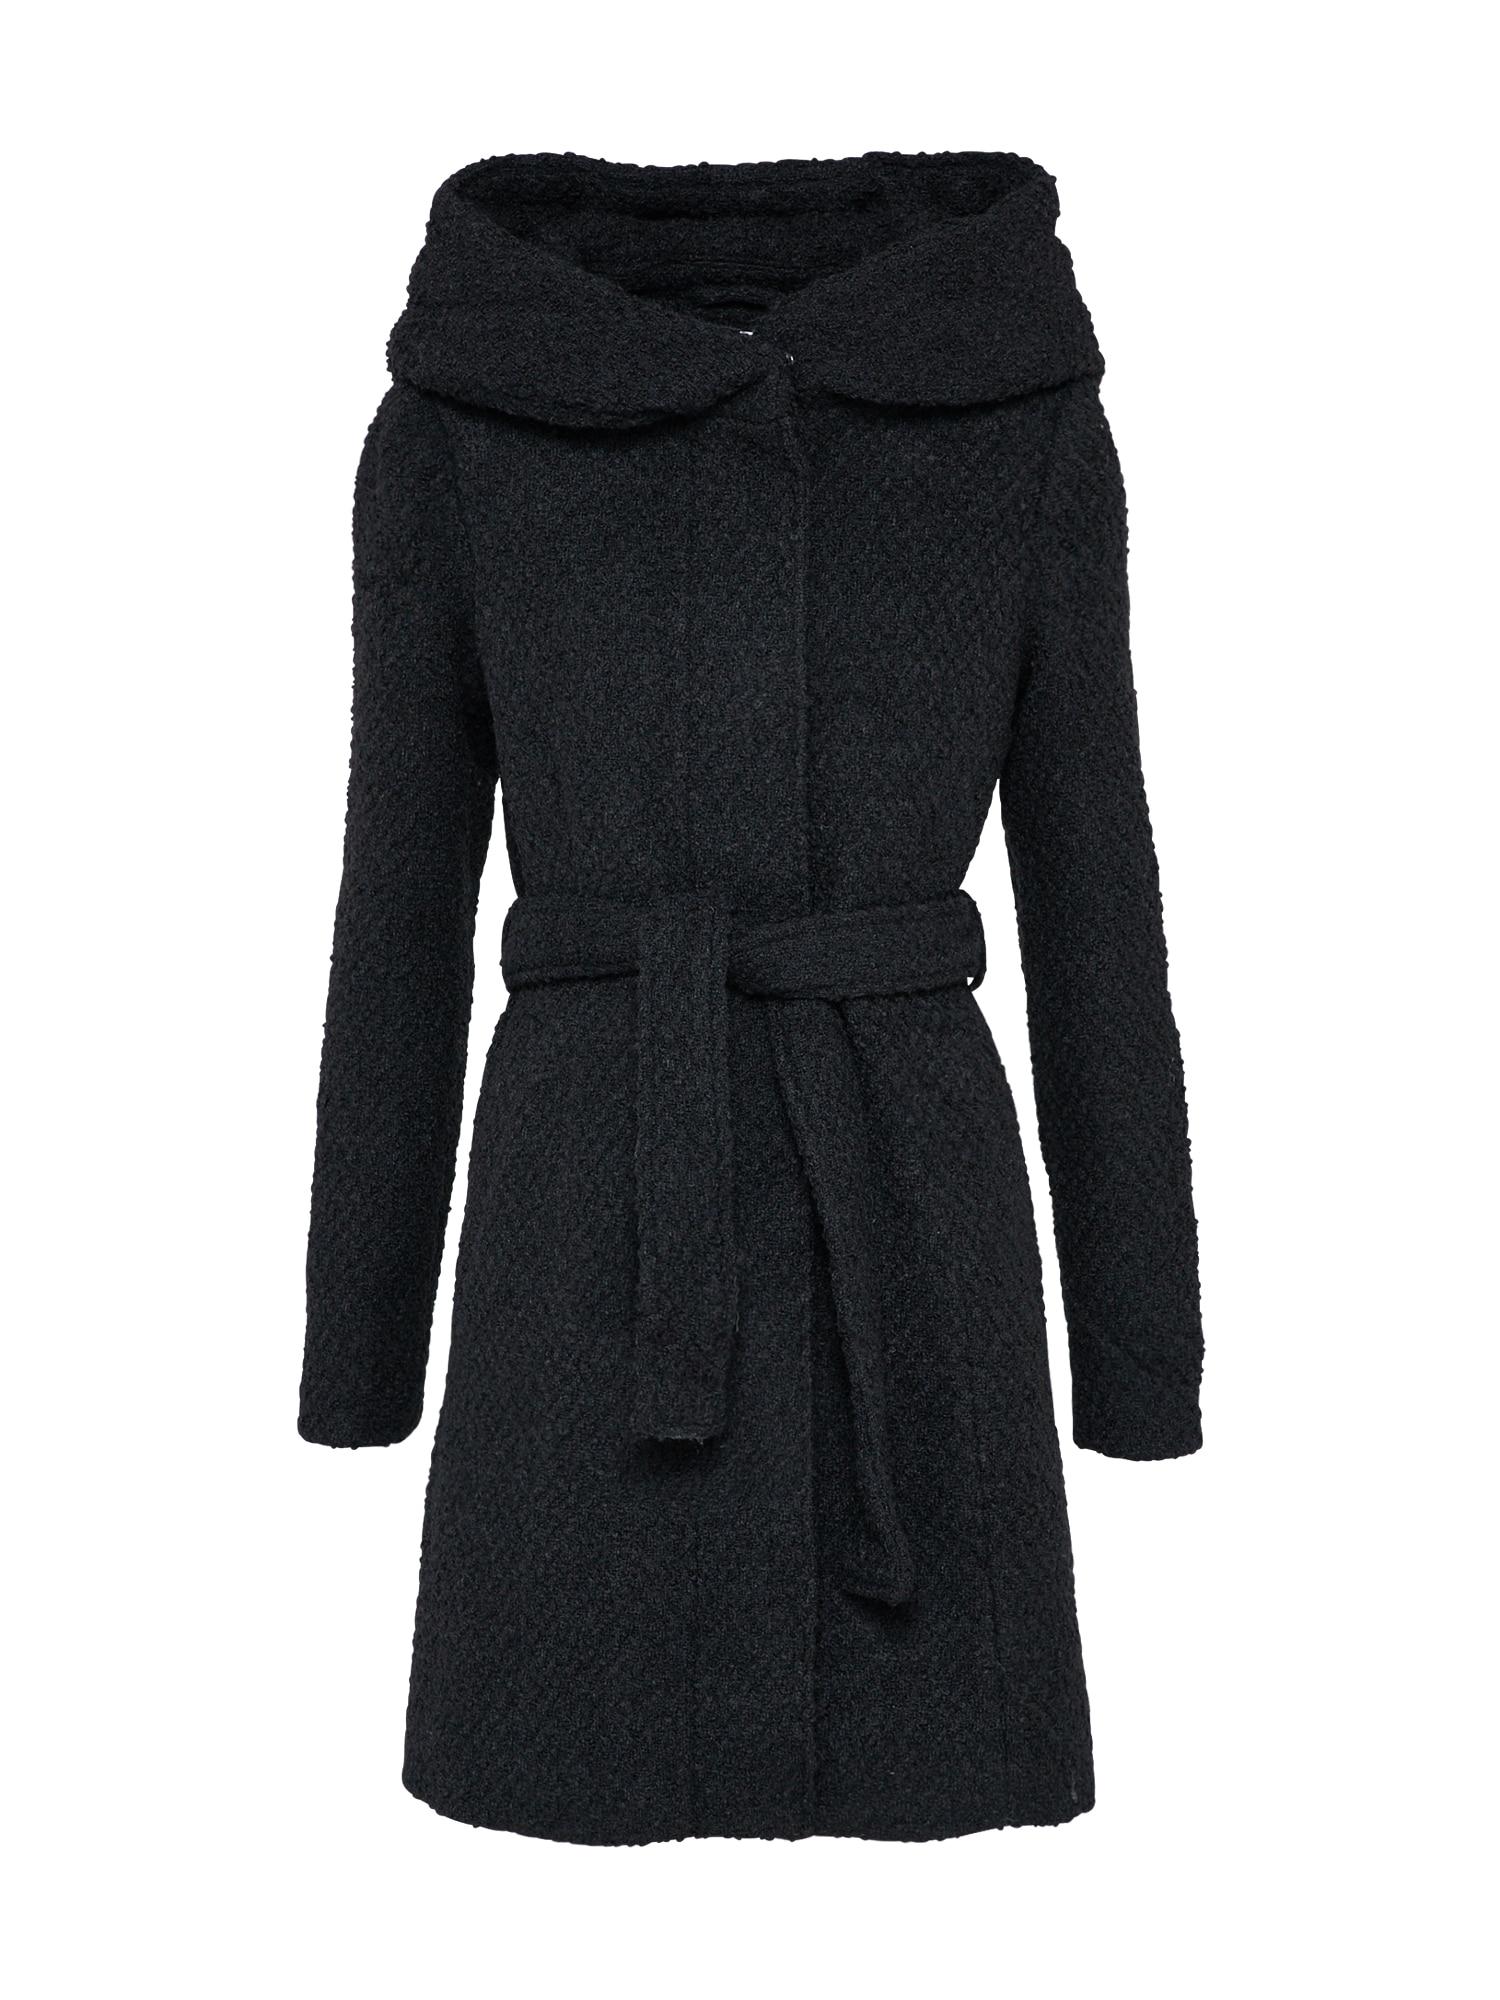 Přechodný kabát Vicama černá VILA